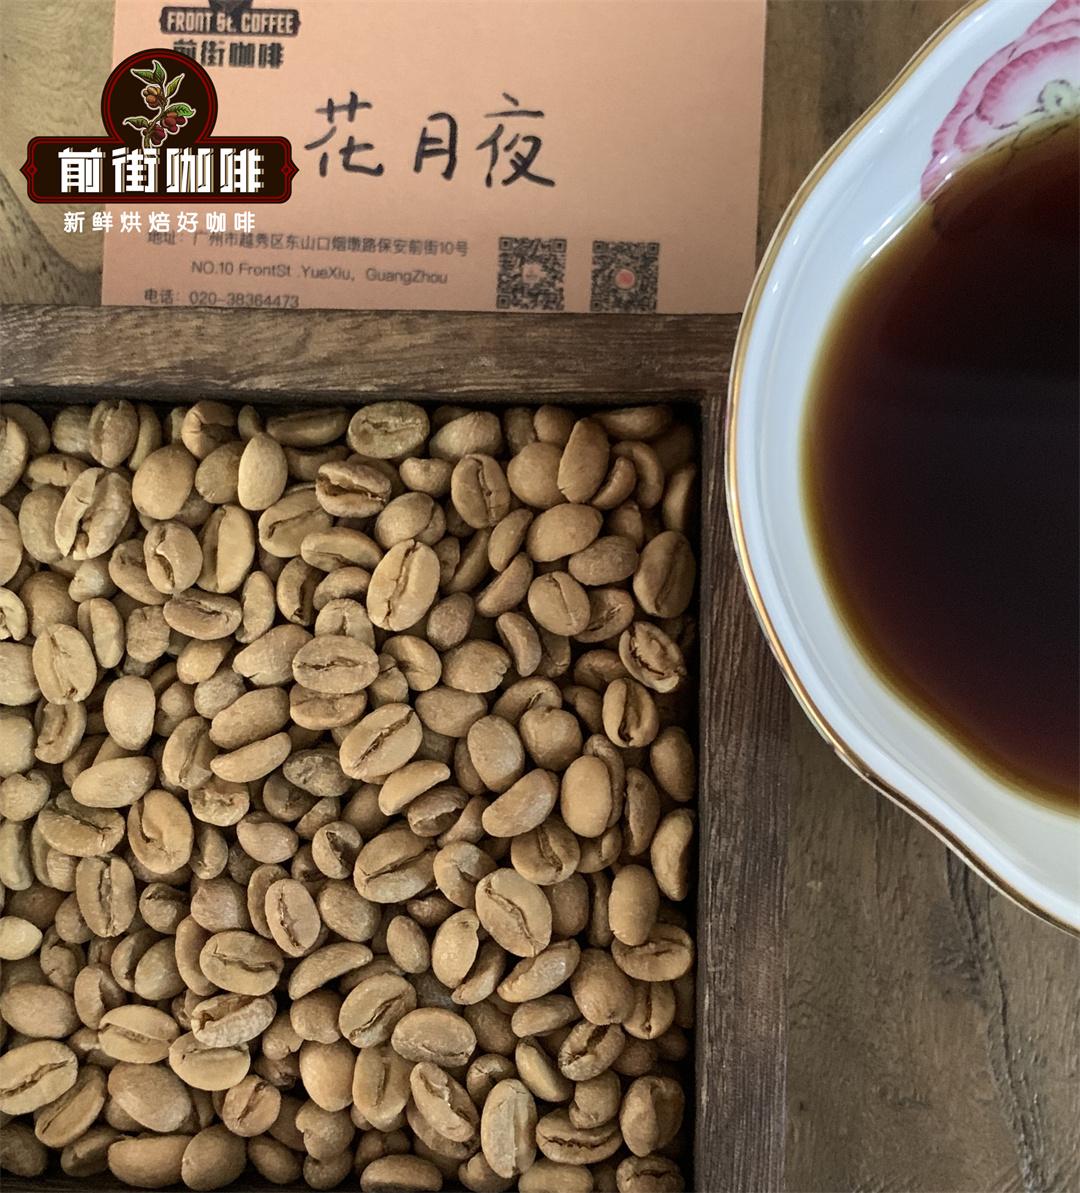 哥伦比亚精品咖啡豆分成的商用豆和精品豆是怎么区分的